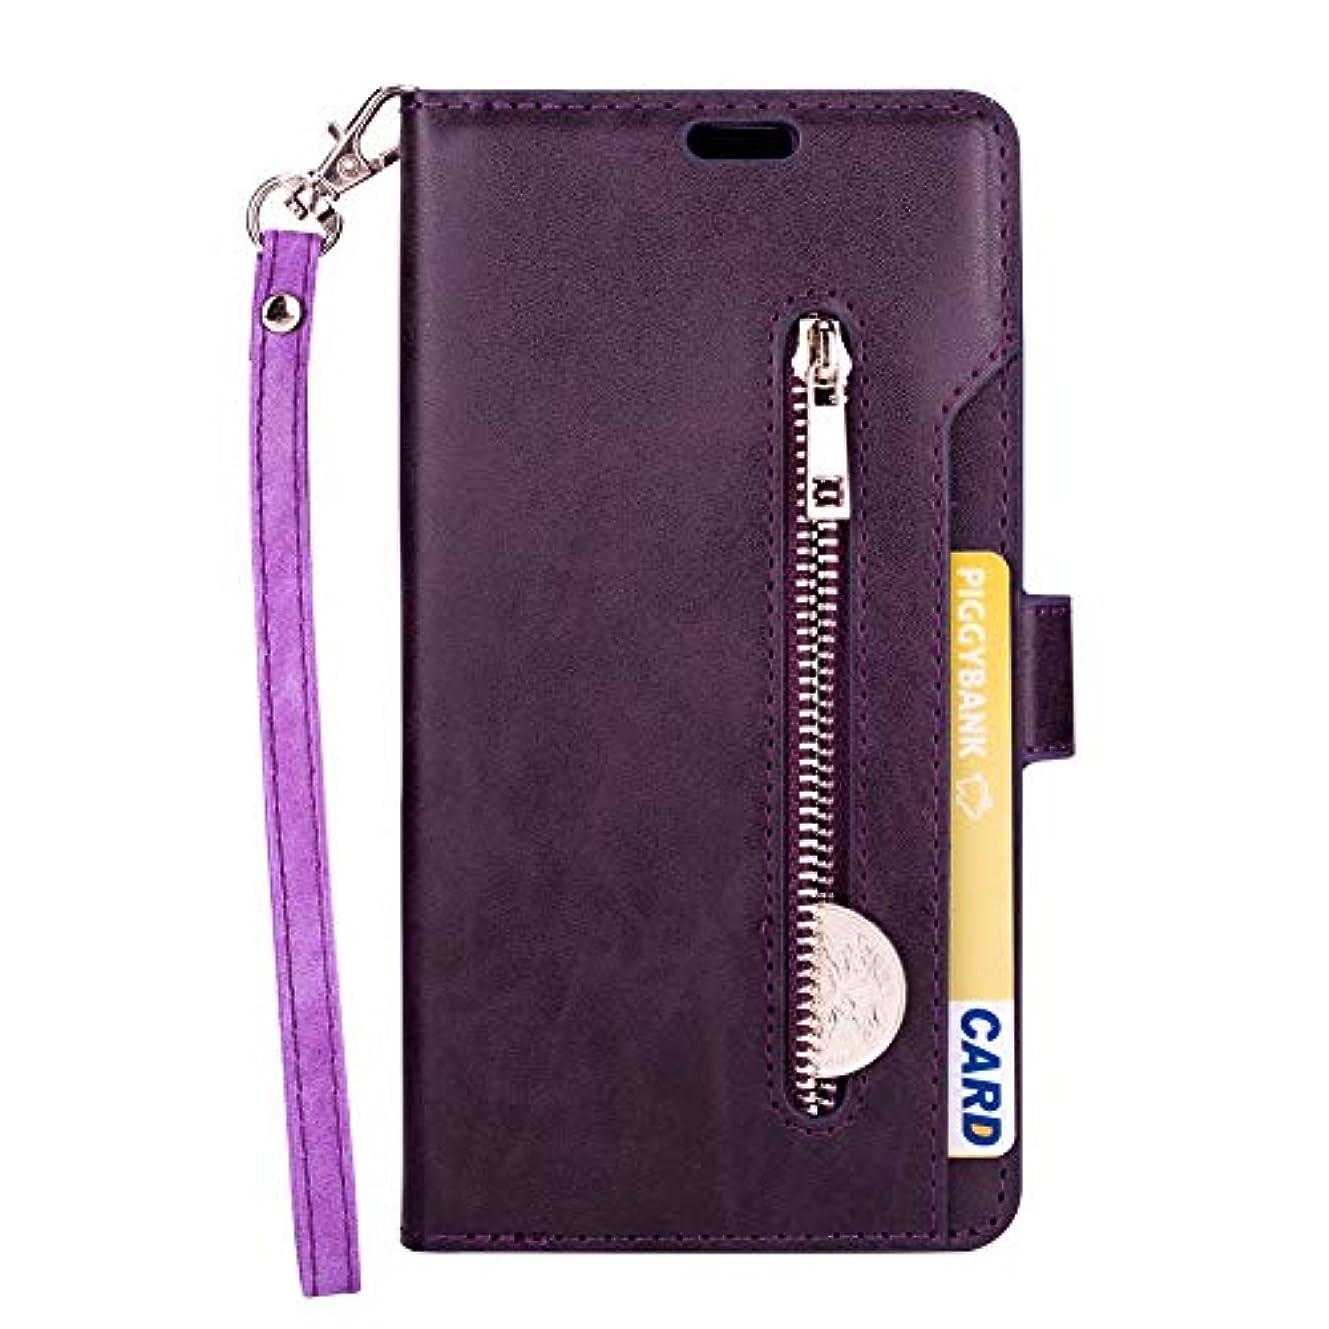 性的ポルトガル語素晴らしき保護カバー - モバイル保護カバー ップカードホルダー携帯電話セット、落下耐性、耐スクラッチ性、耐衝撃性、iphone用